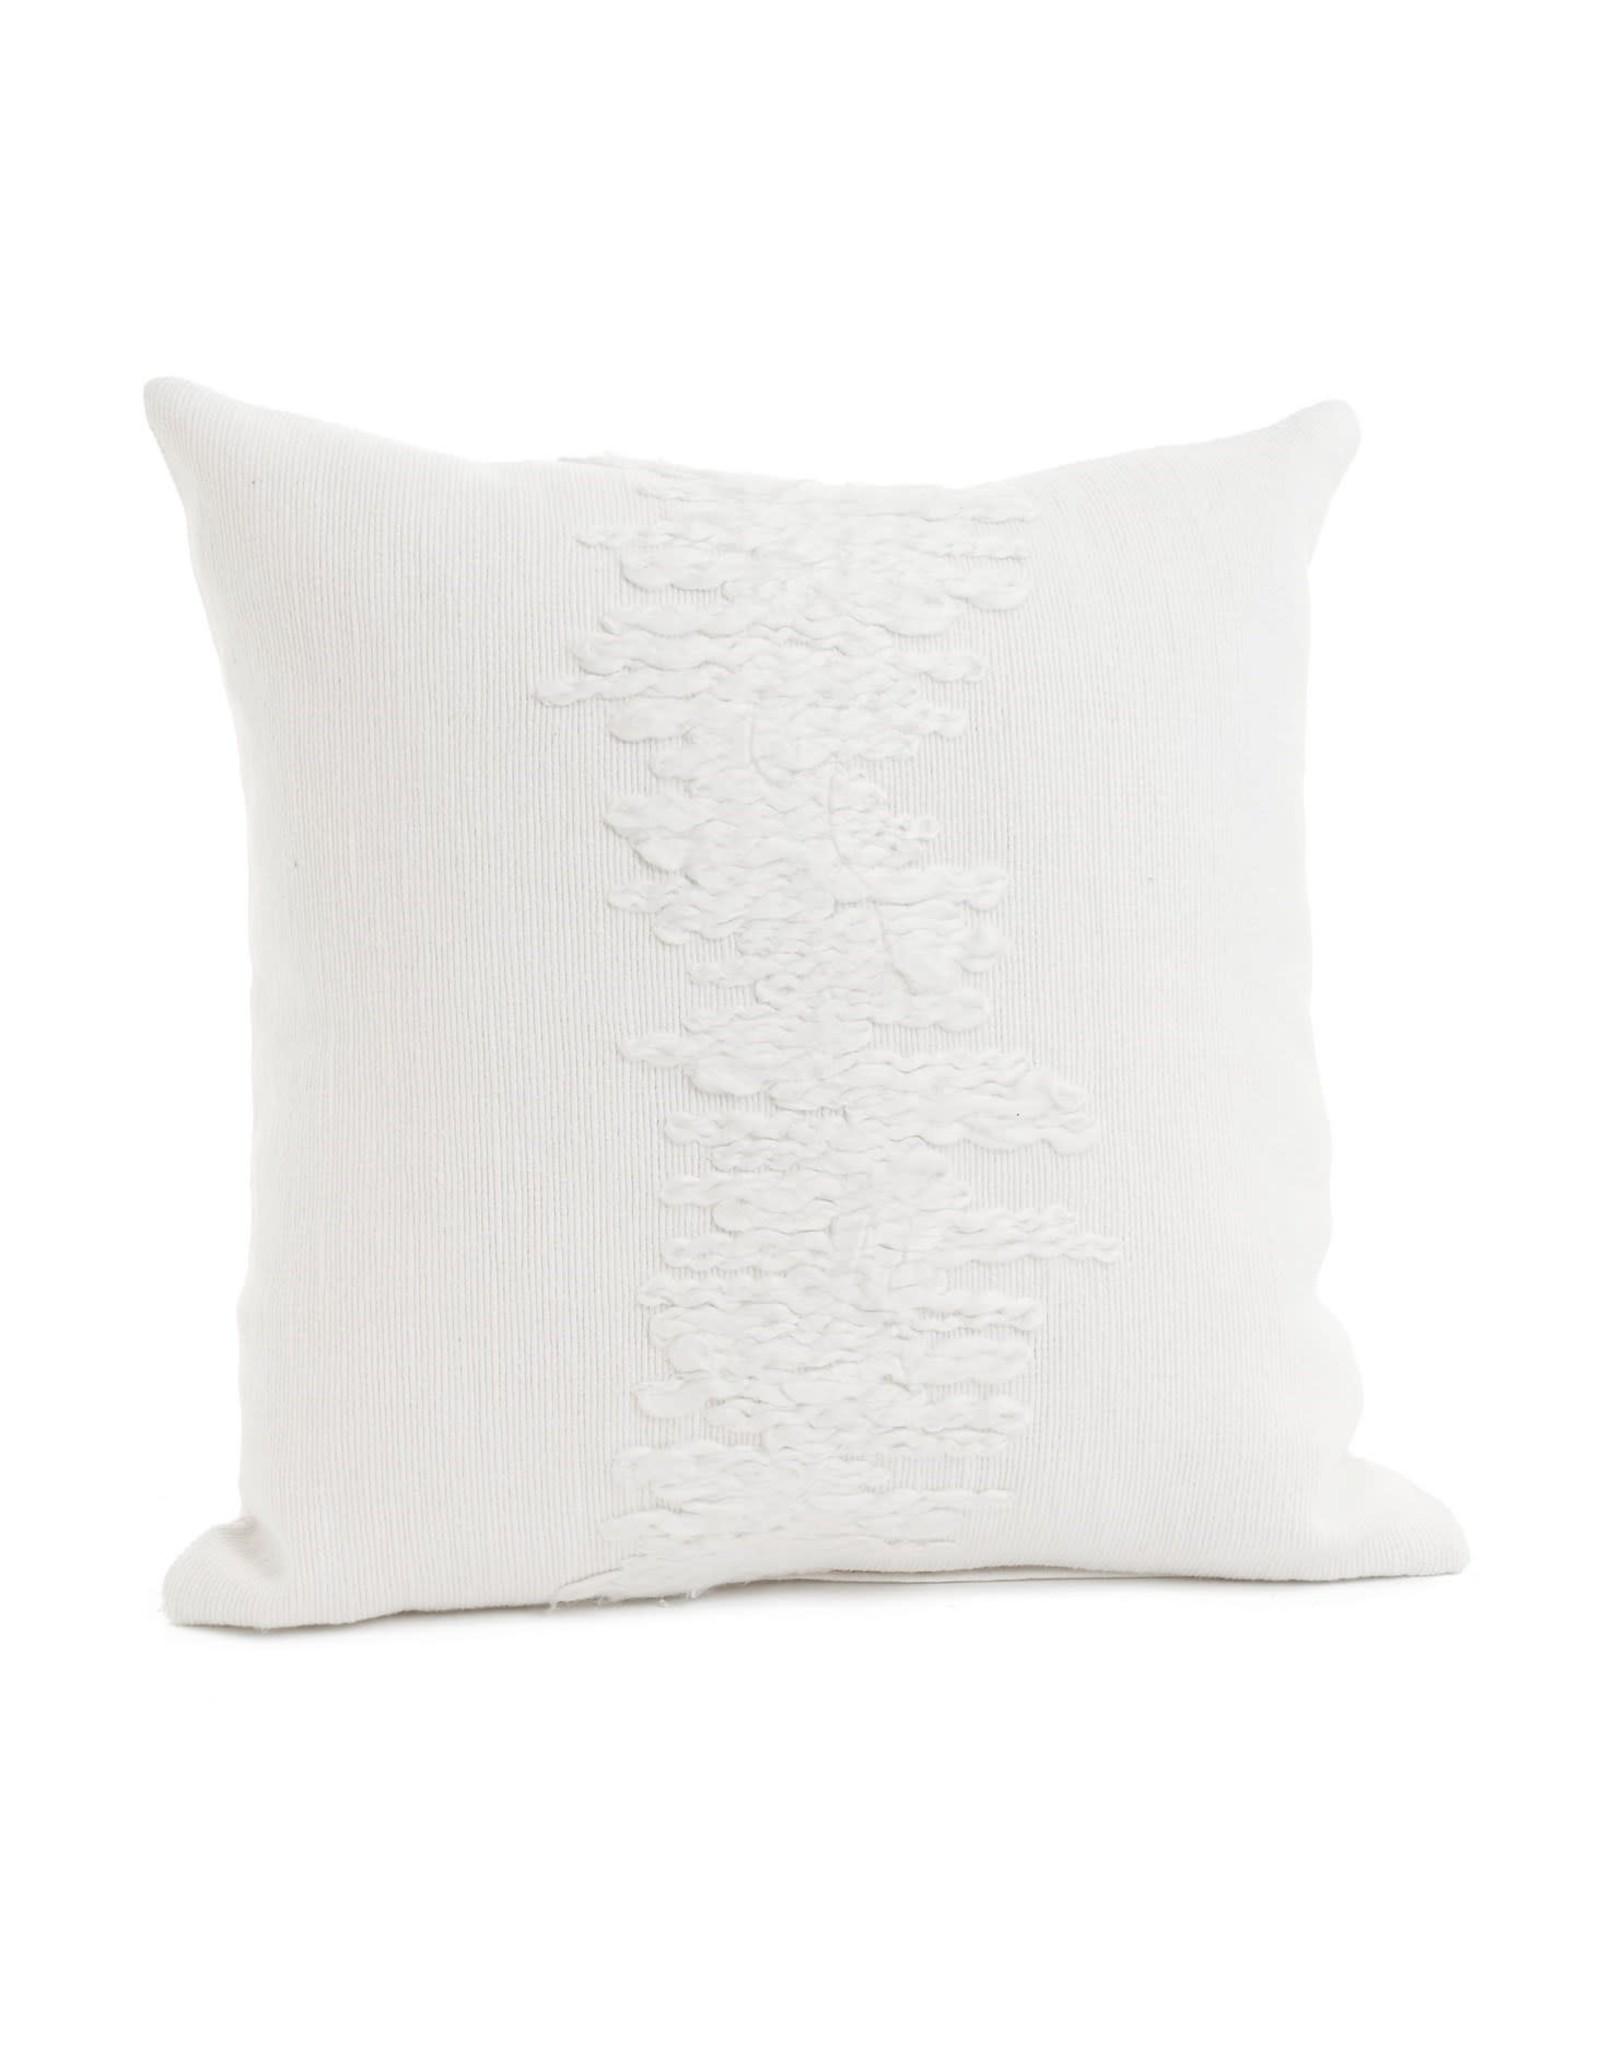 Bonavista - Bovi Home Taylor Cushion Wool Details 17x17